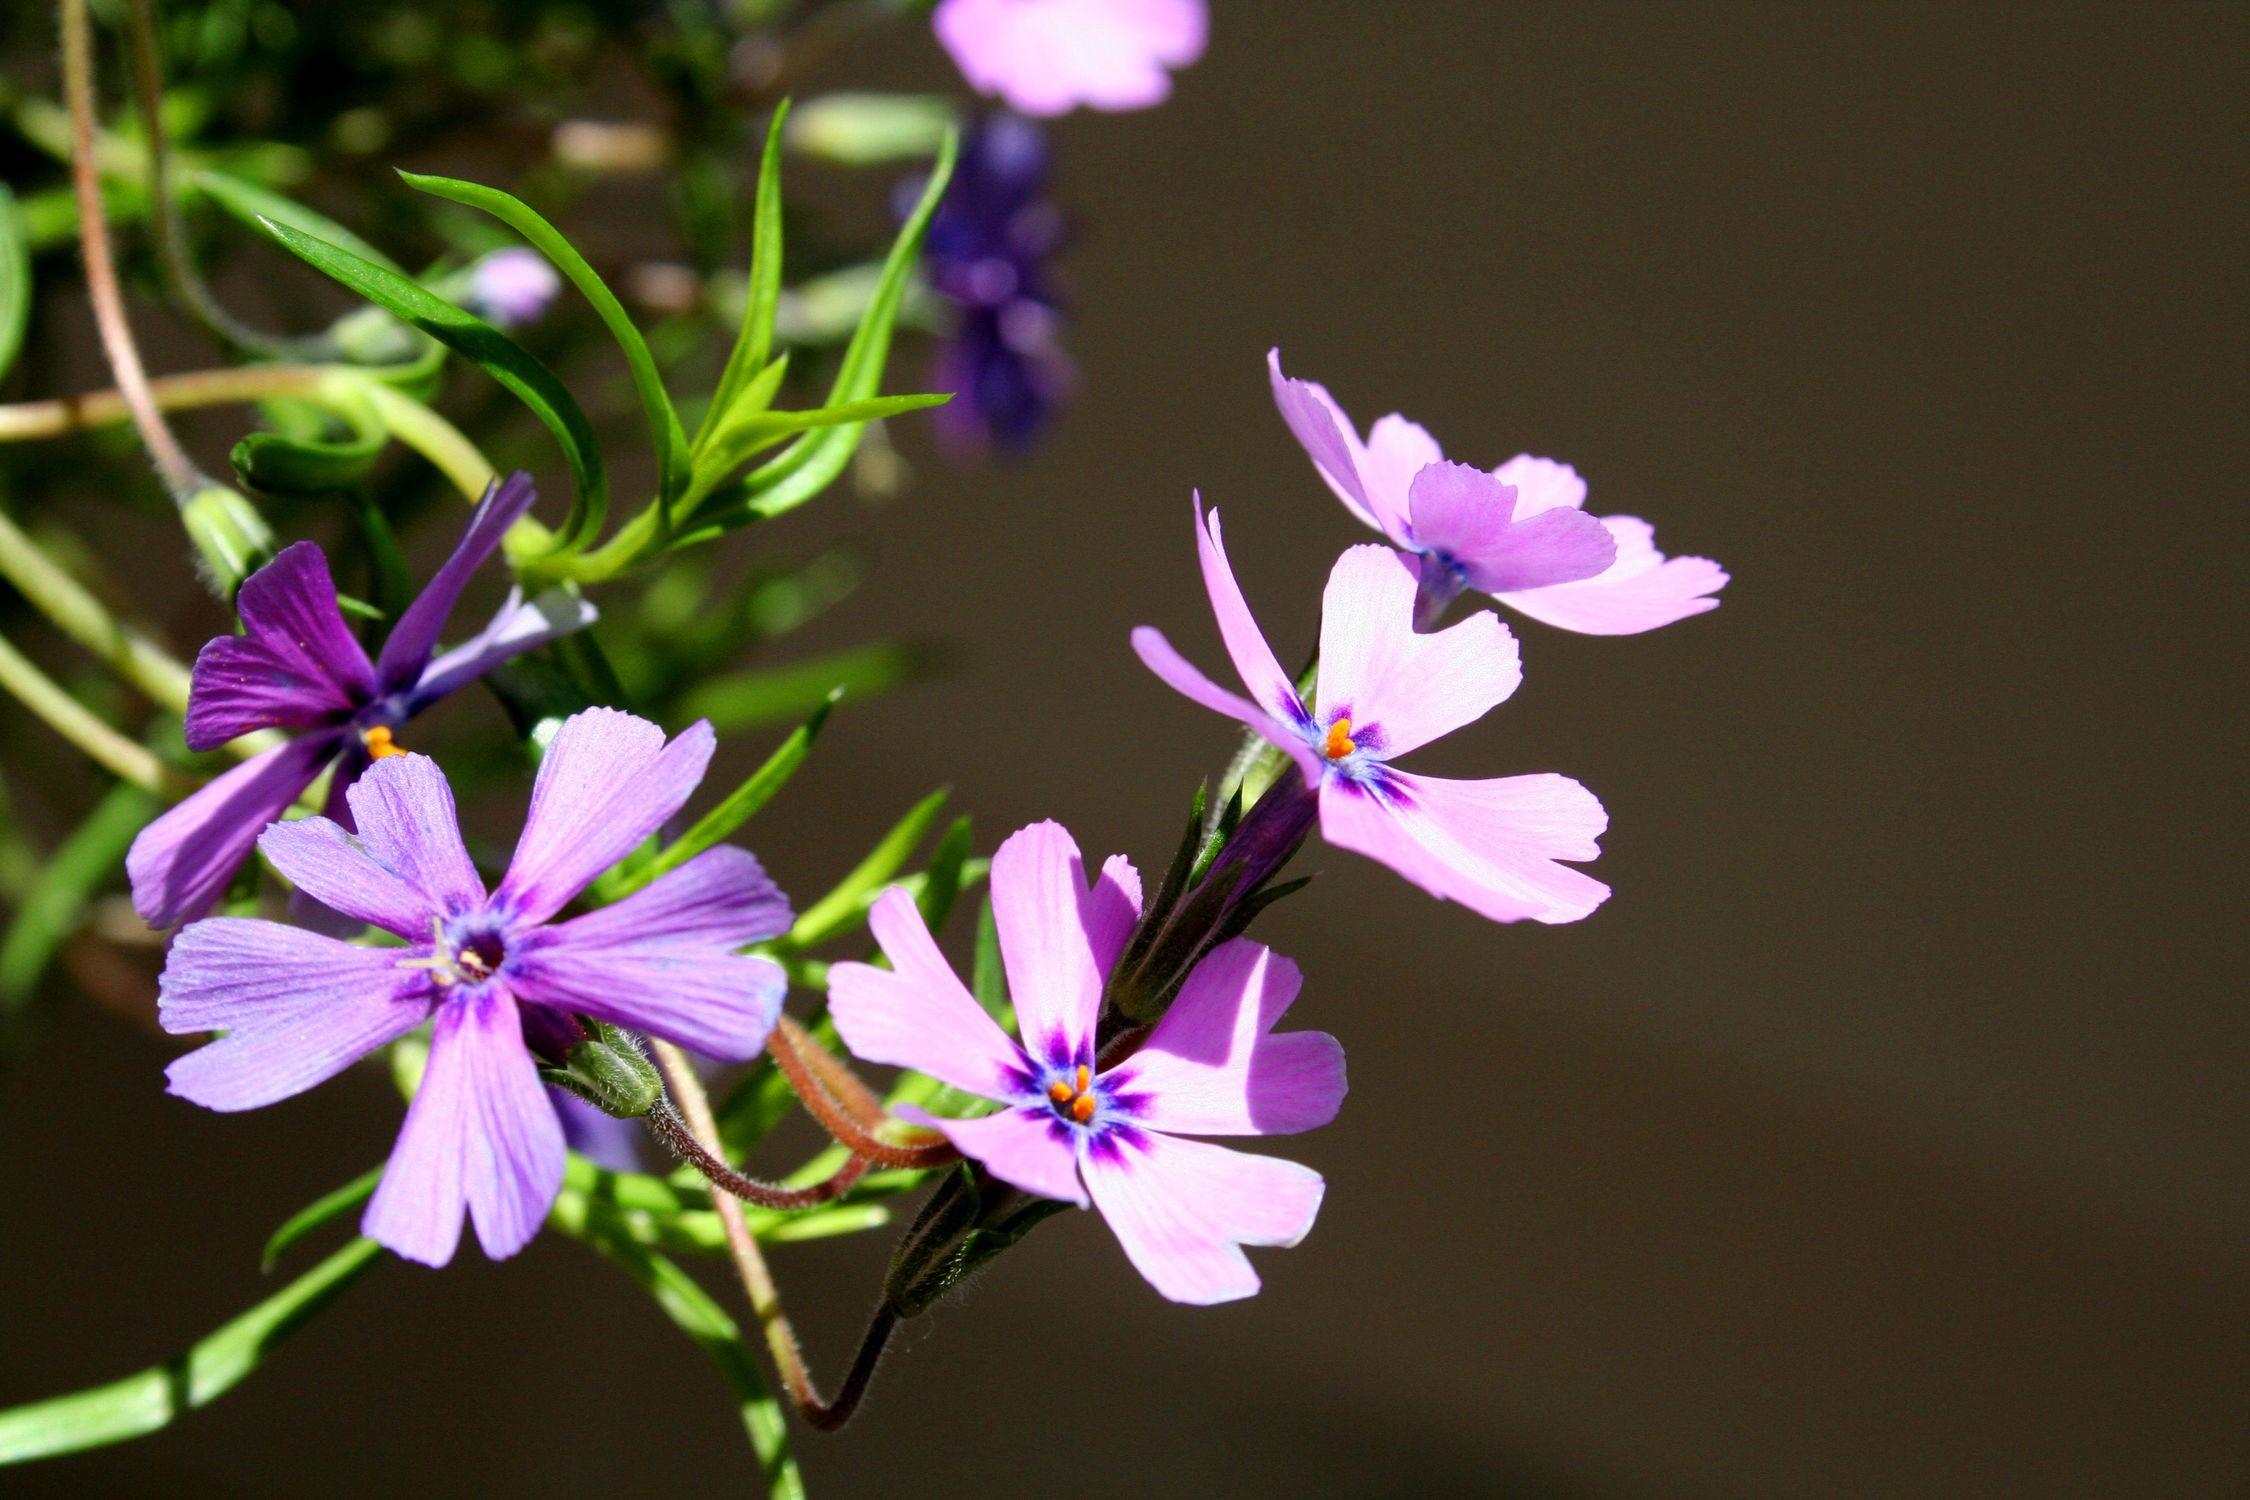 Bild mit Farben, Natur, Pflanzen, Blumen, Rosa, Lila